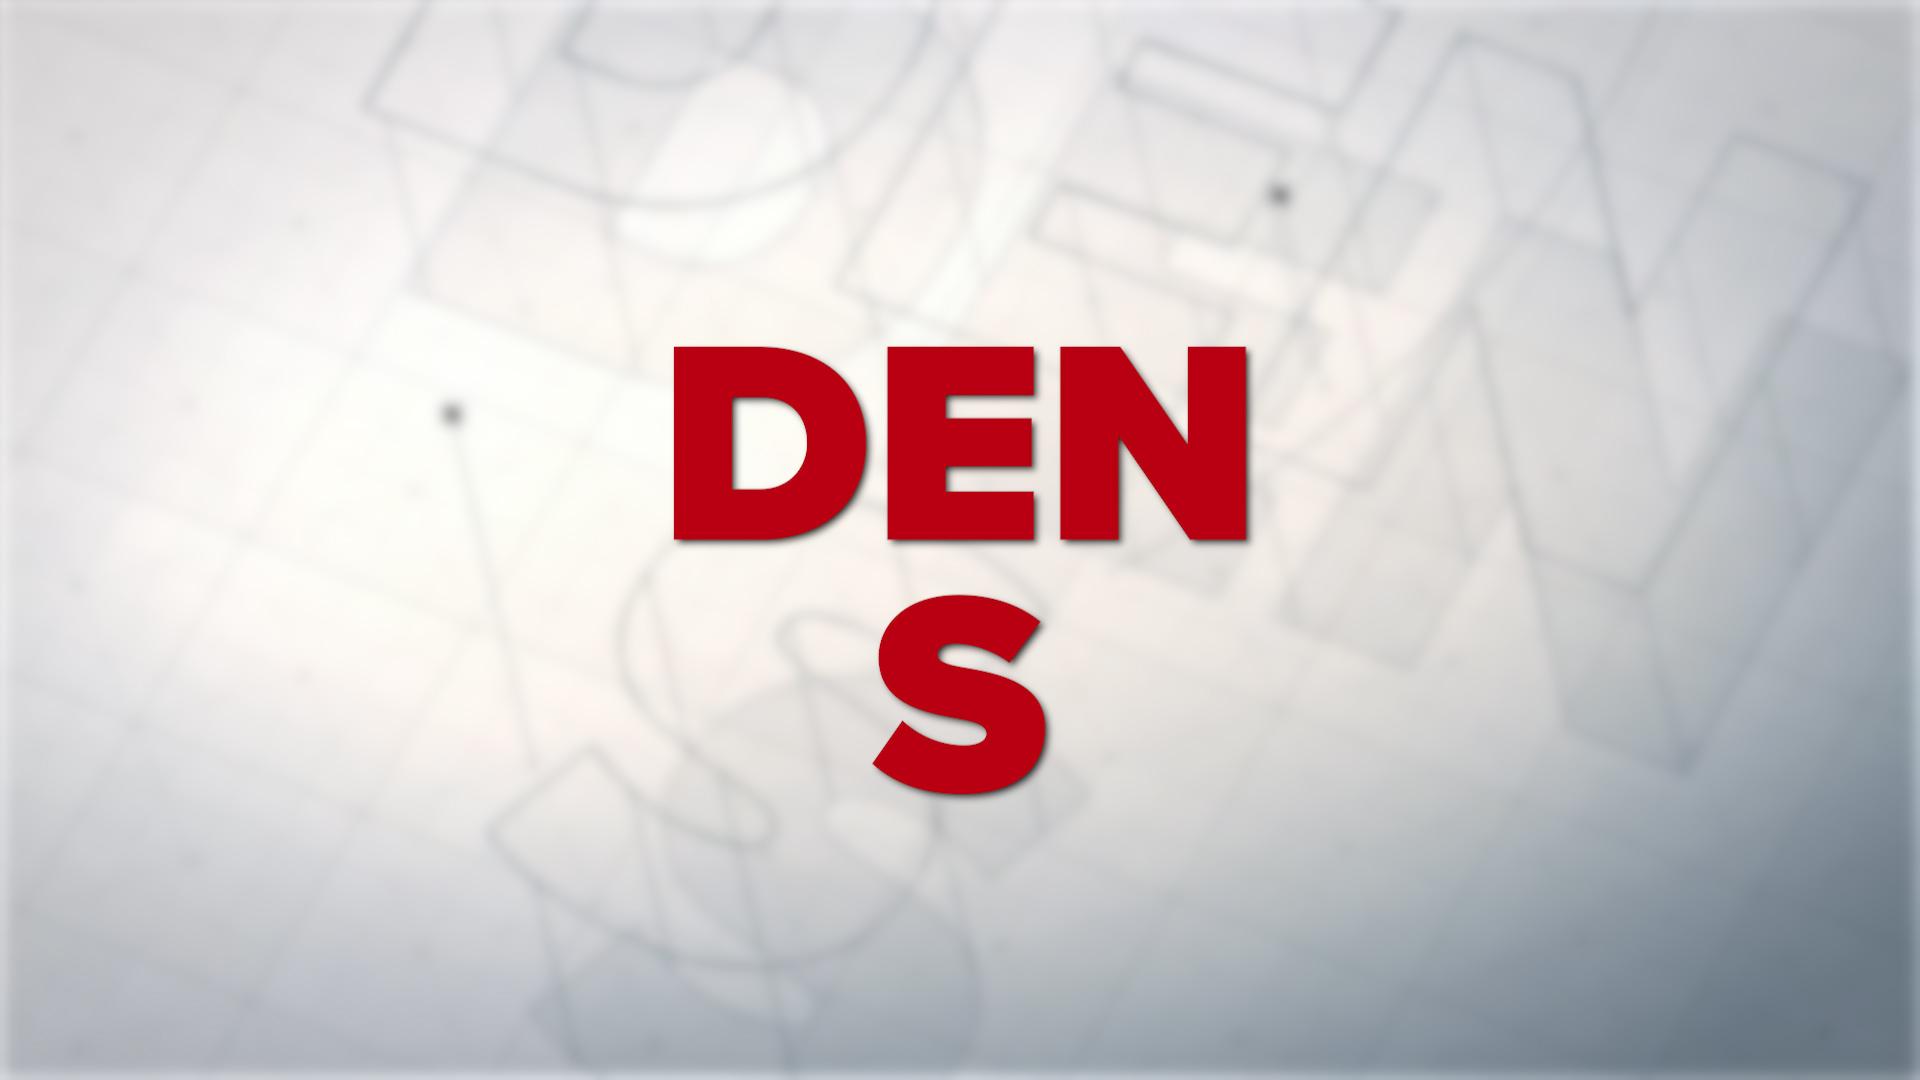 DEN S